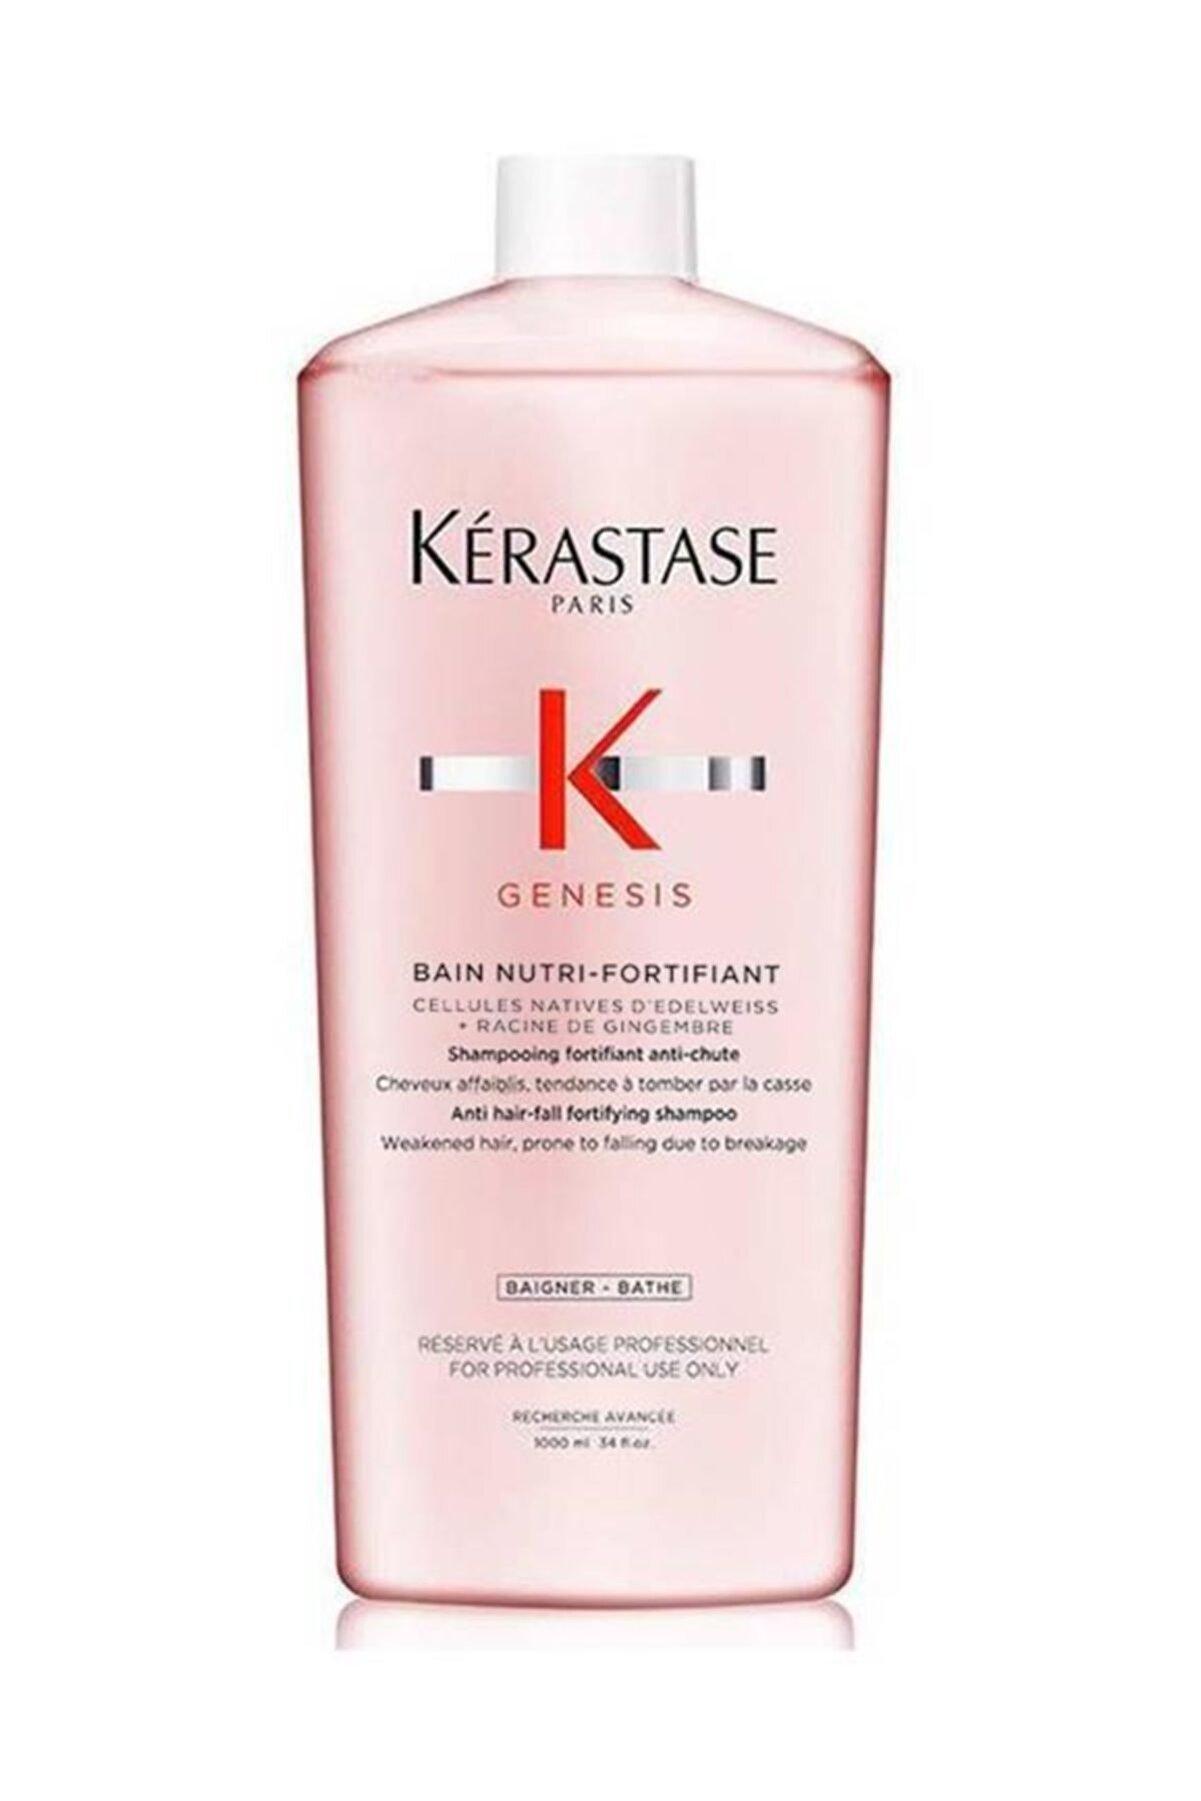 Kerastase Genesis Bain Nutri-fortifiant Dökülme Karşıtı Güçlendirici Şampuan 1000 ml